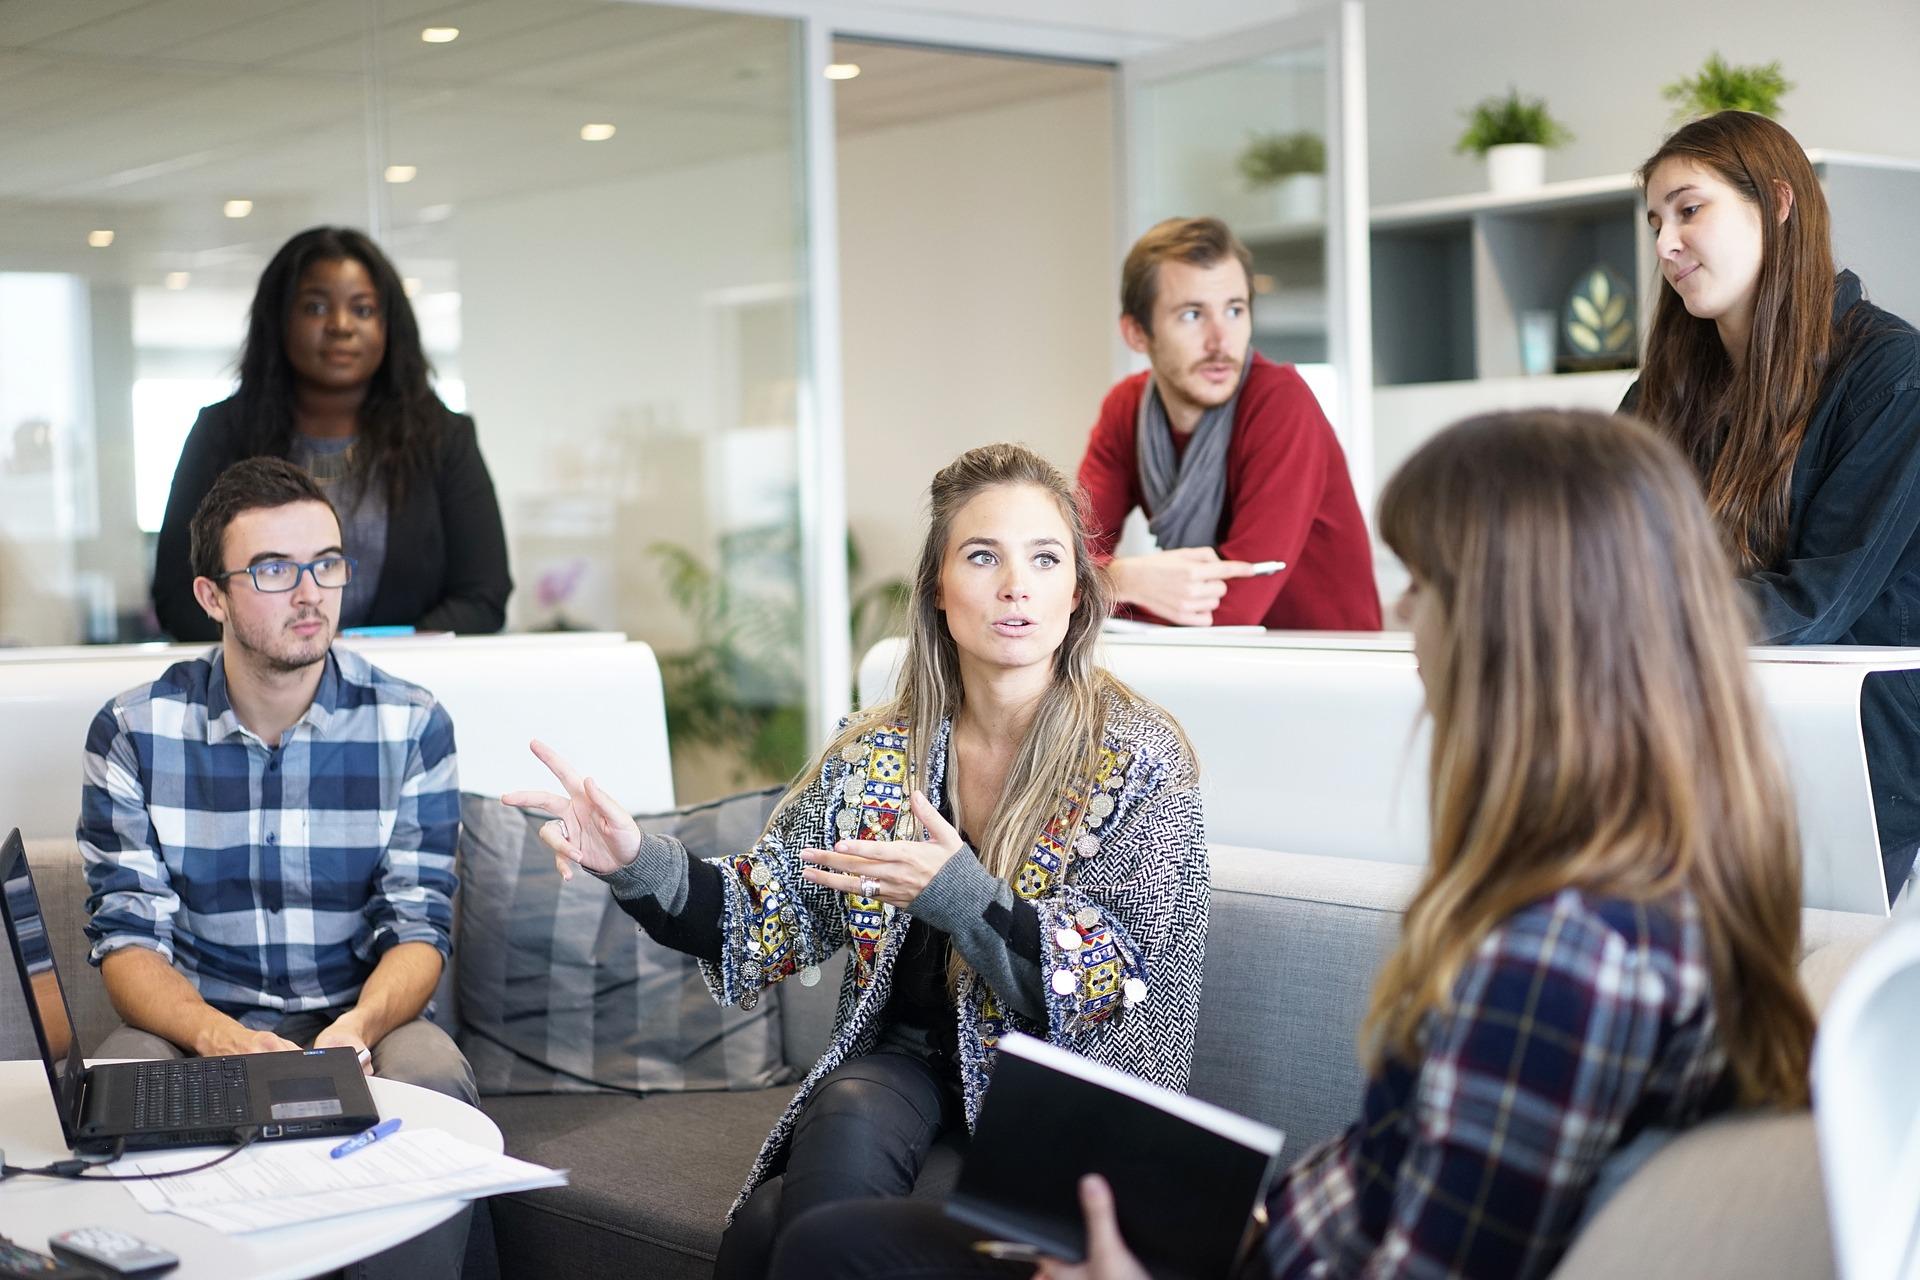 Untervertreten: Noch immer haben Frauen in Schweizer Unternehmen weniger zu sagen als Männer.